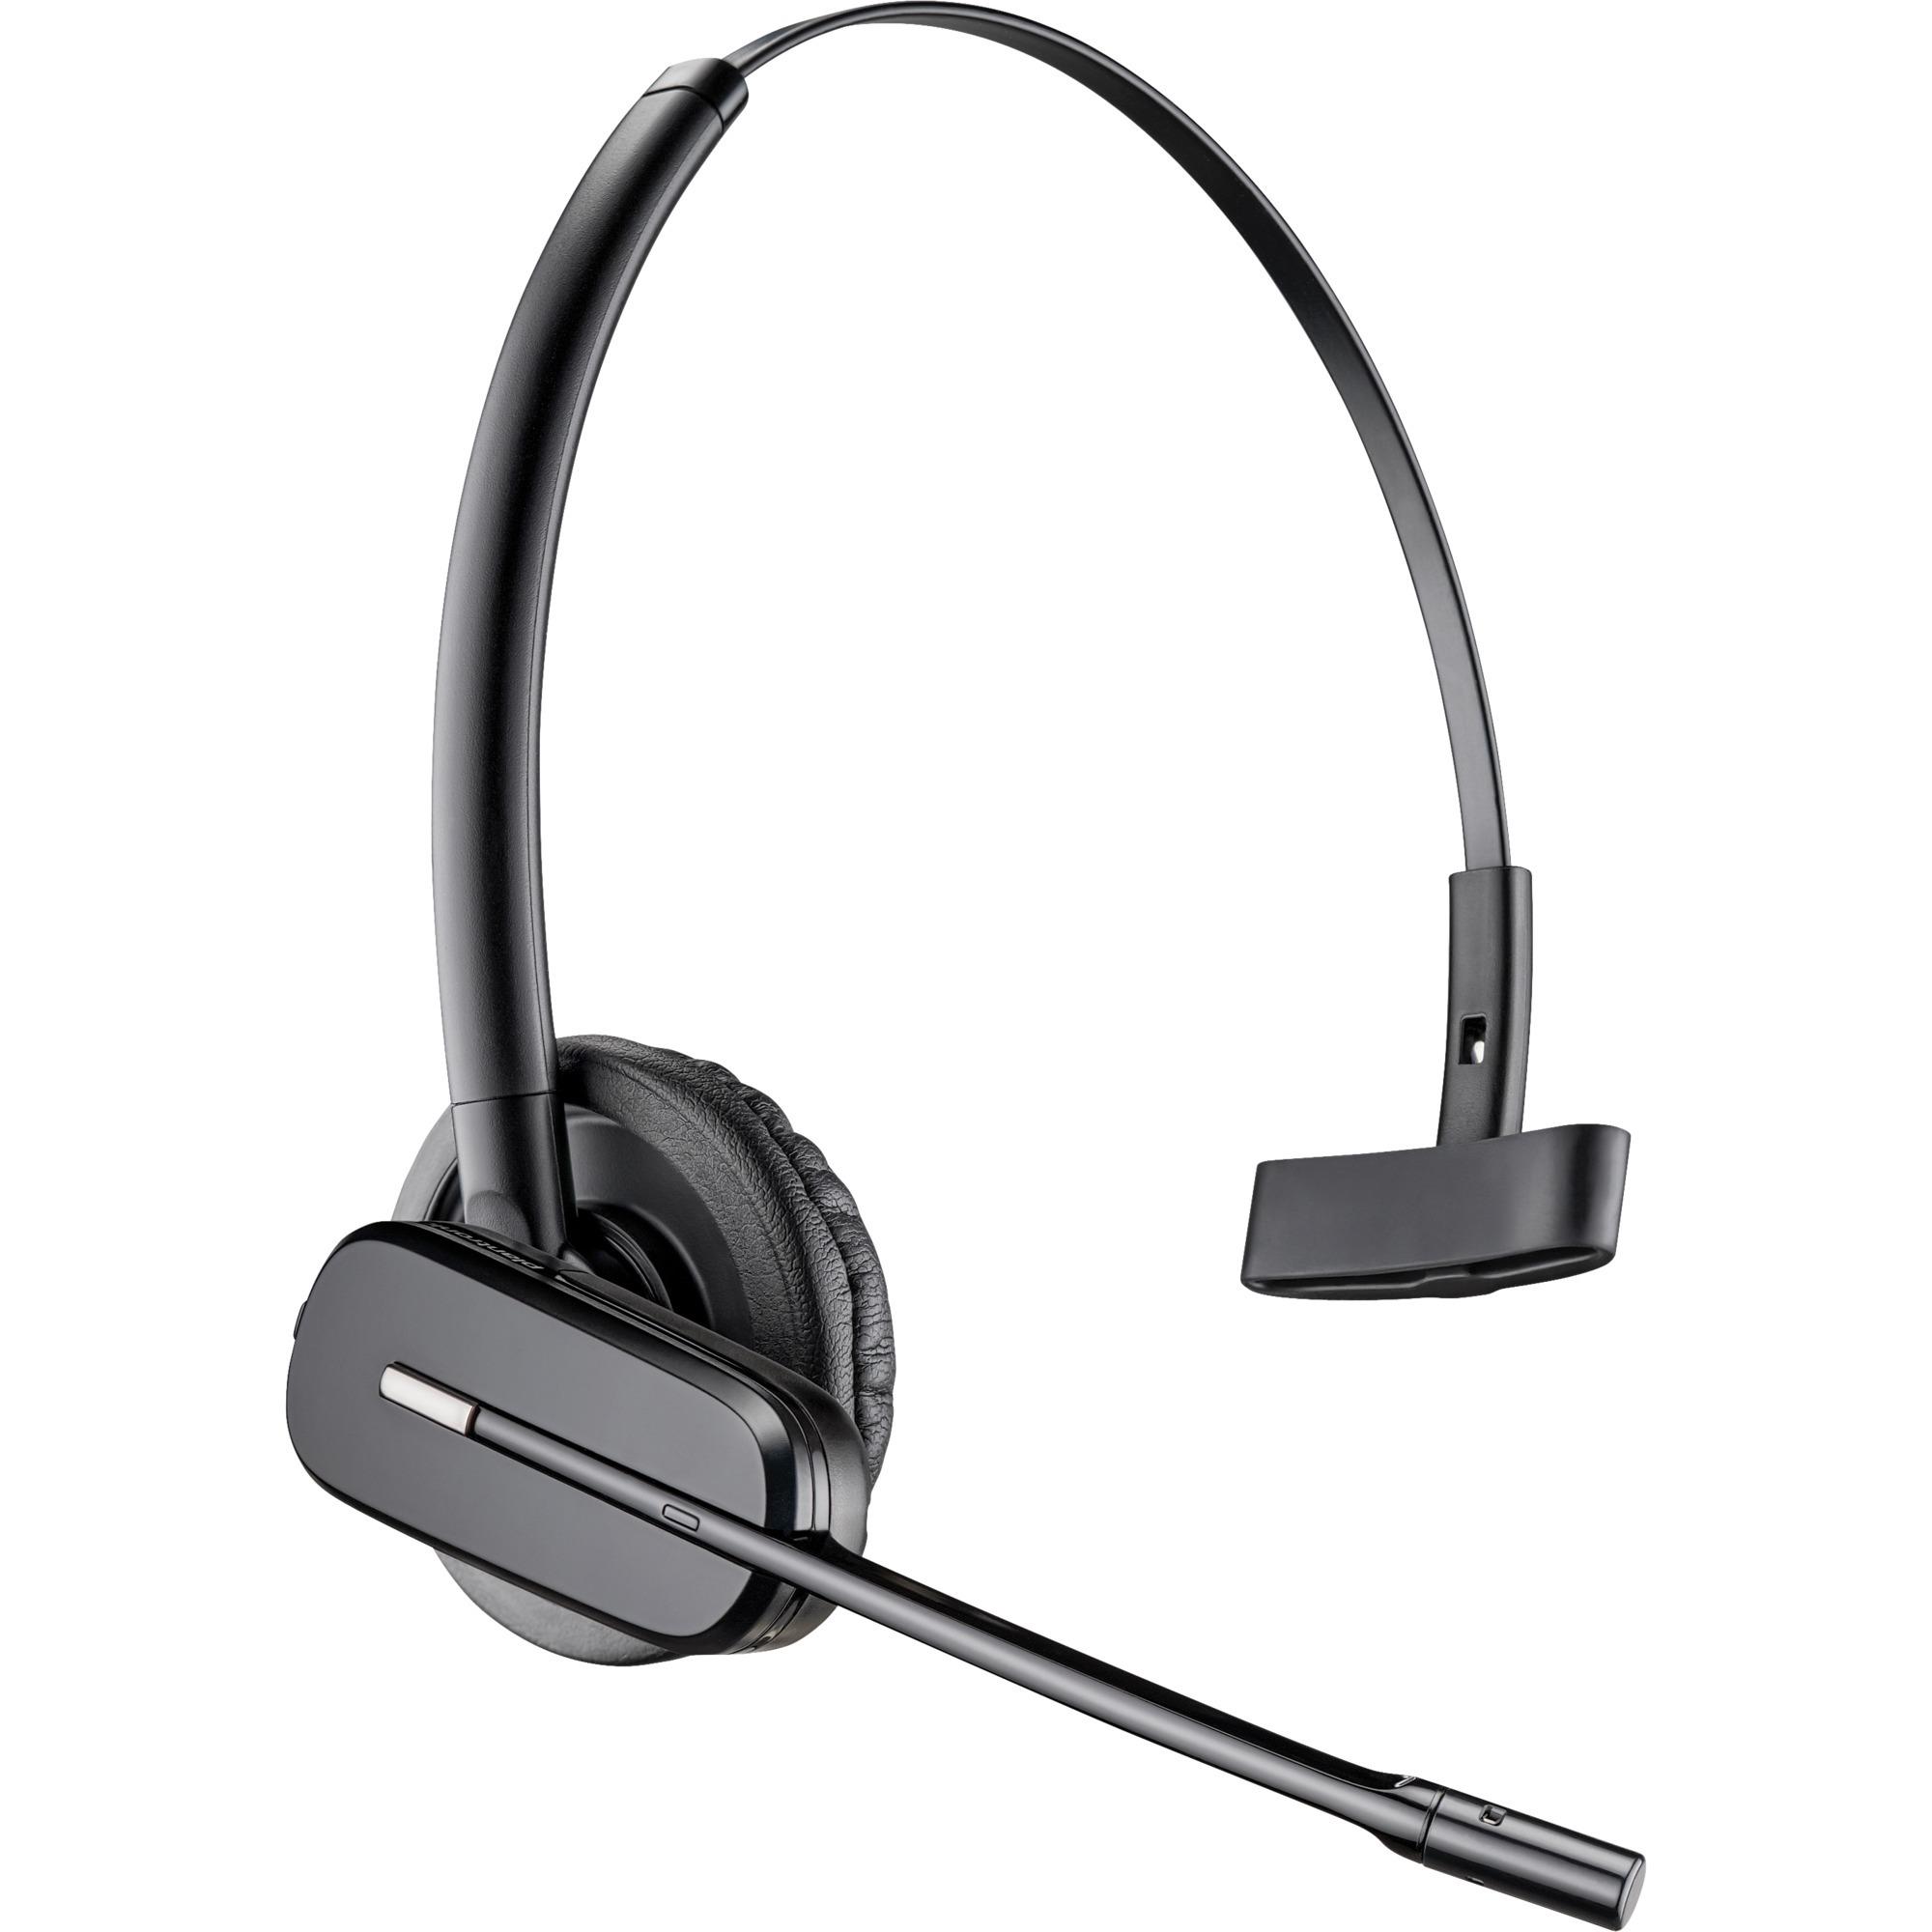 C565 auriculares para móvil Monoaural gancho de oreja, Diadema Negro, Auriculares con micrófono